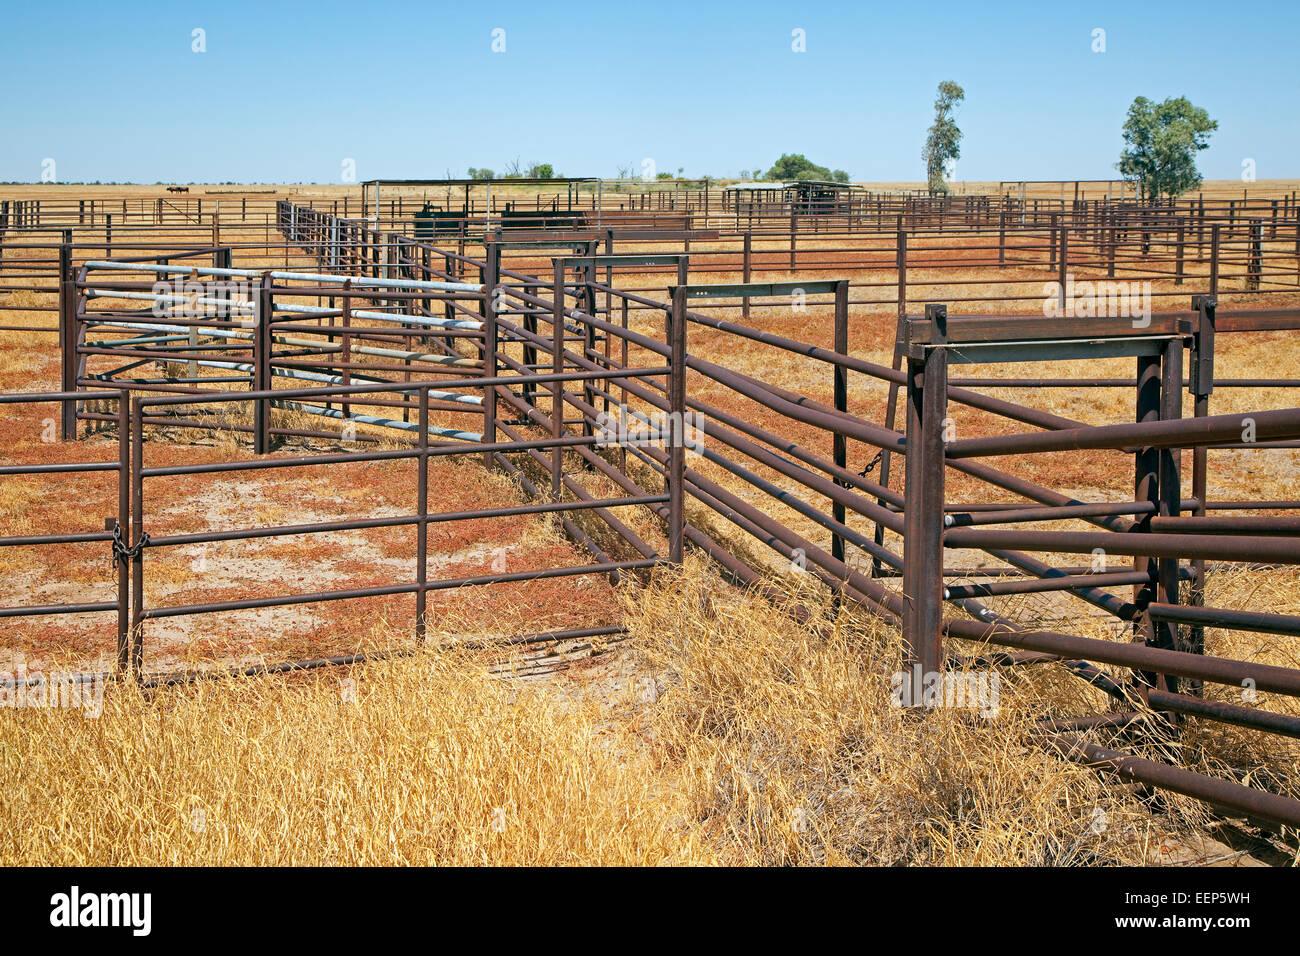 Metall-Tore der Stift / corral am Rinderfarm im australischen outback, Northern Territory, Australien Stockbild